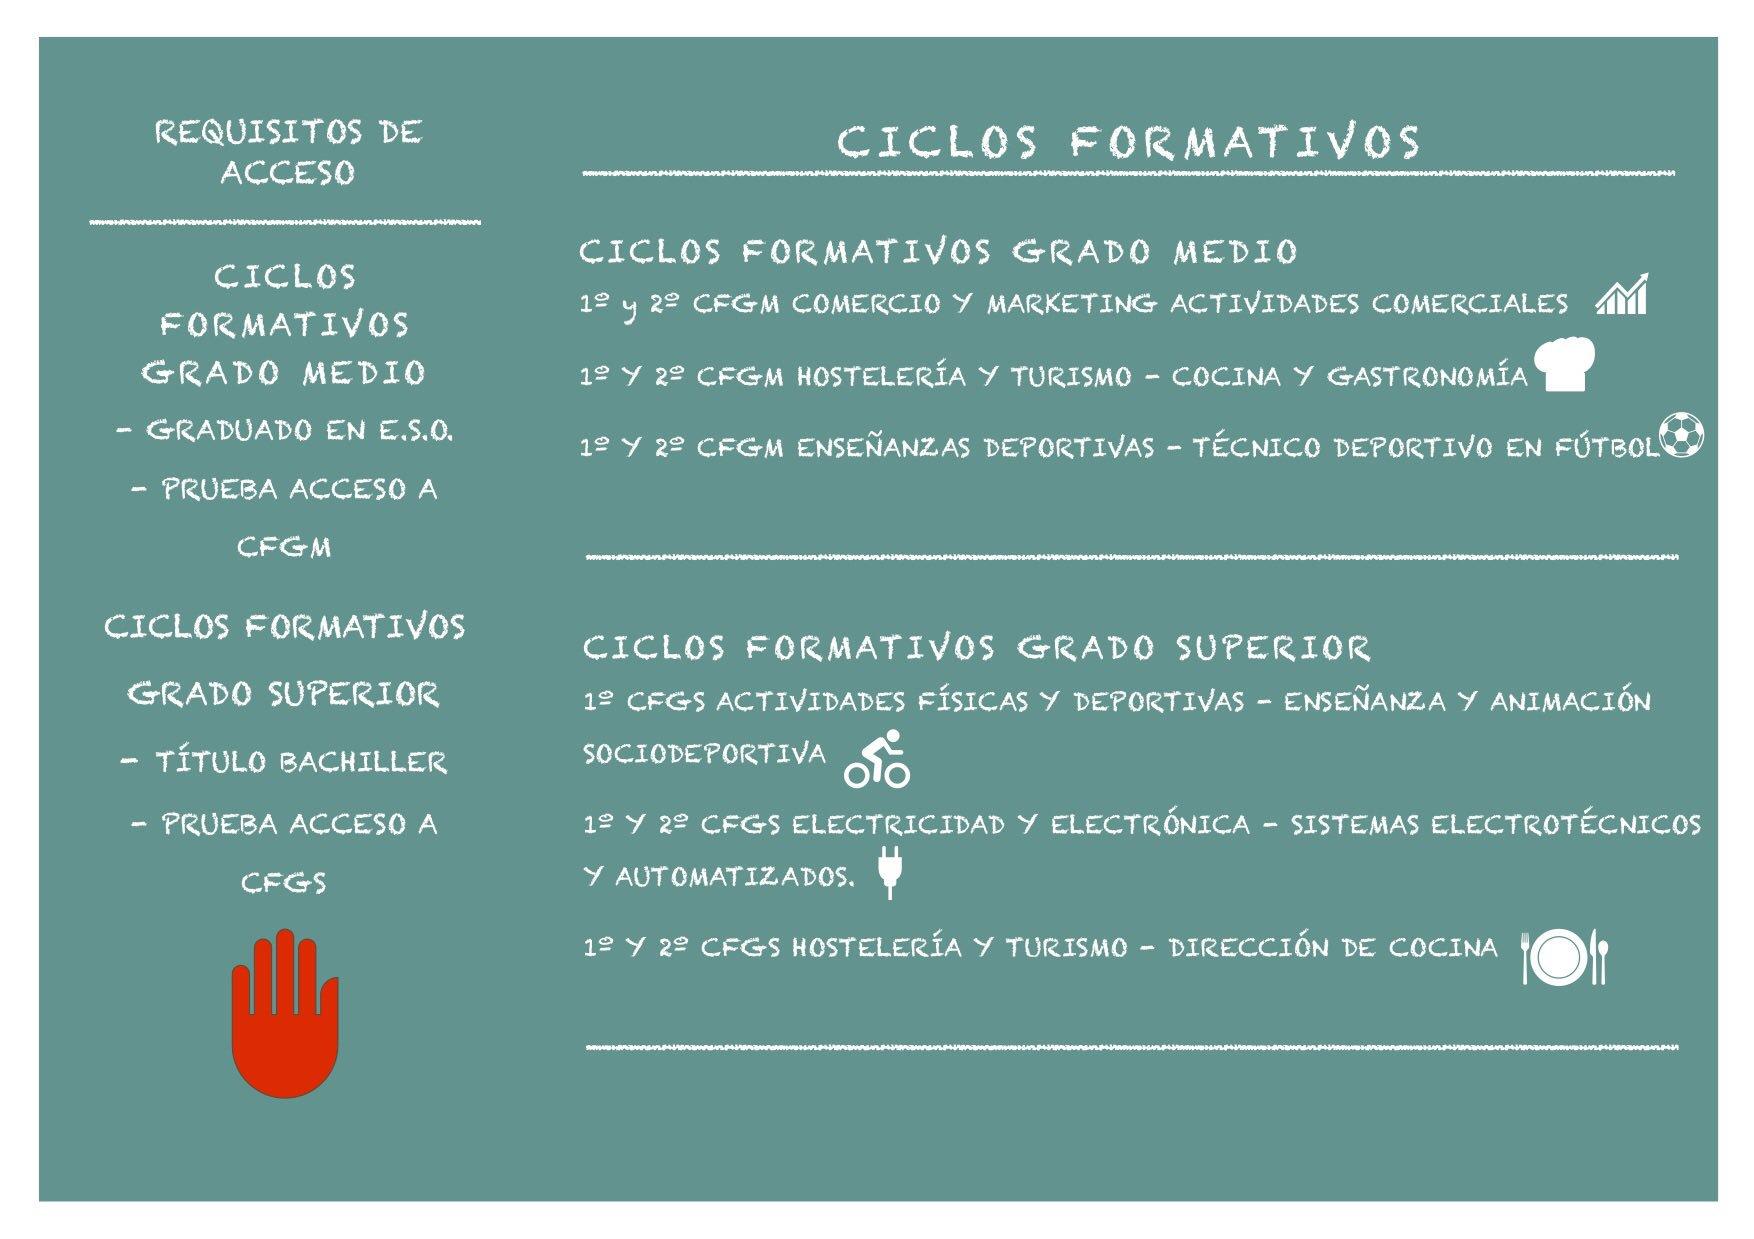 Enseñanza Deportiva Ies Garoé On Twitter Ciclos Formativos